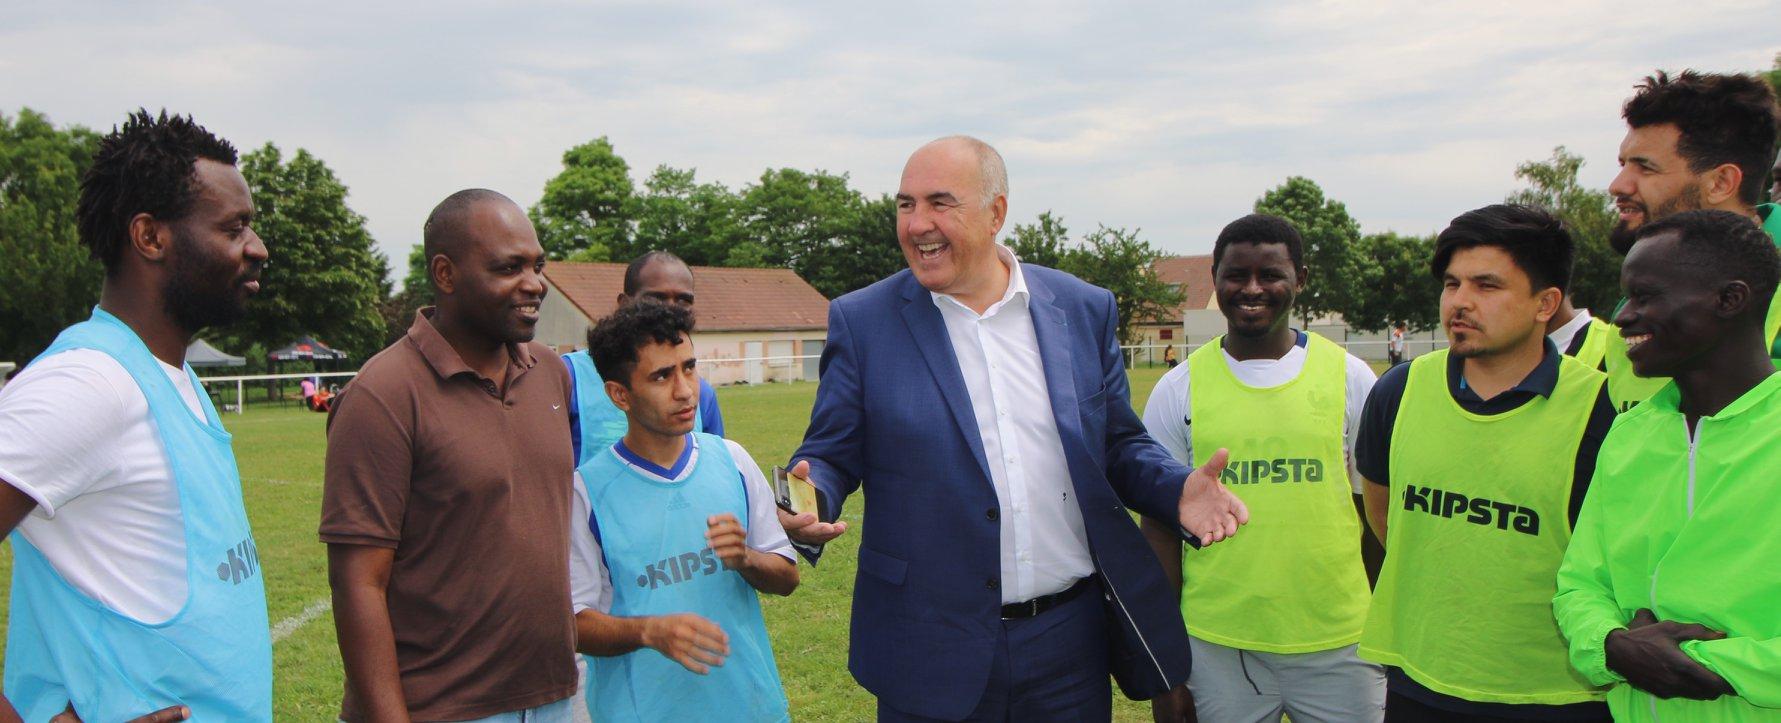 Tournois de foot réfugiés soissons Coallia avec le maire